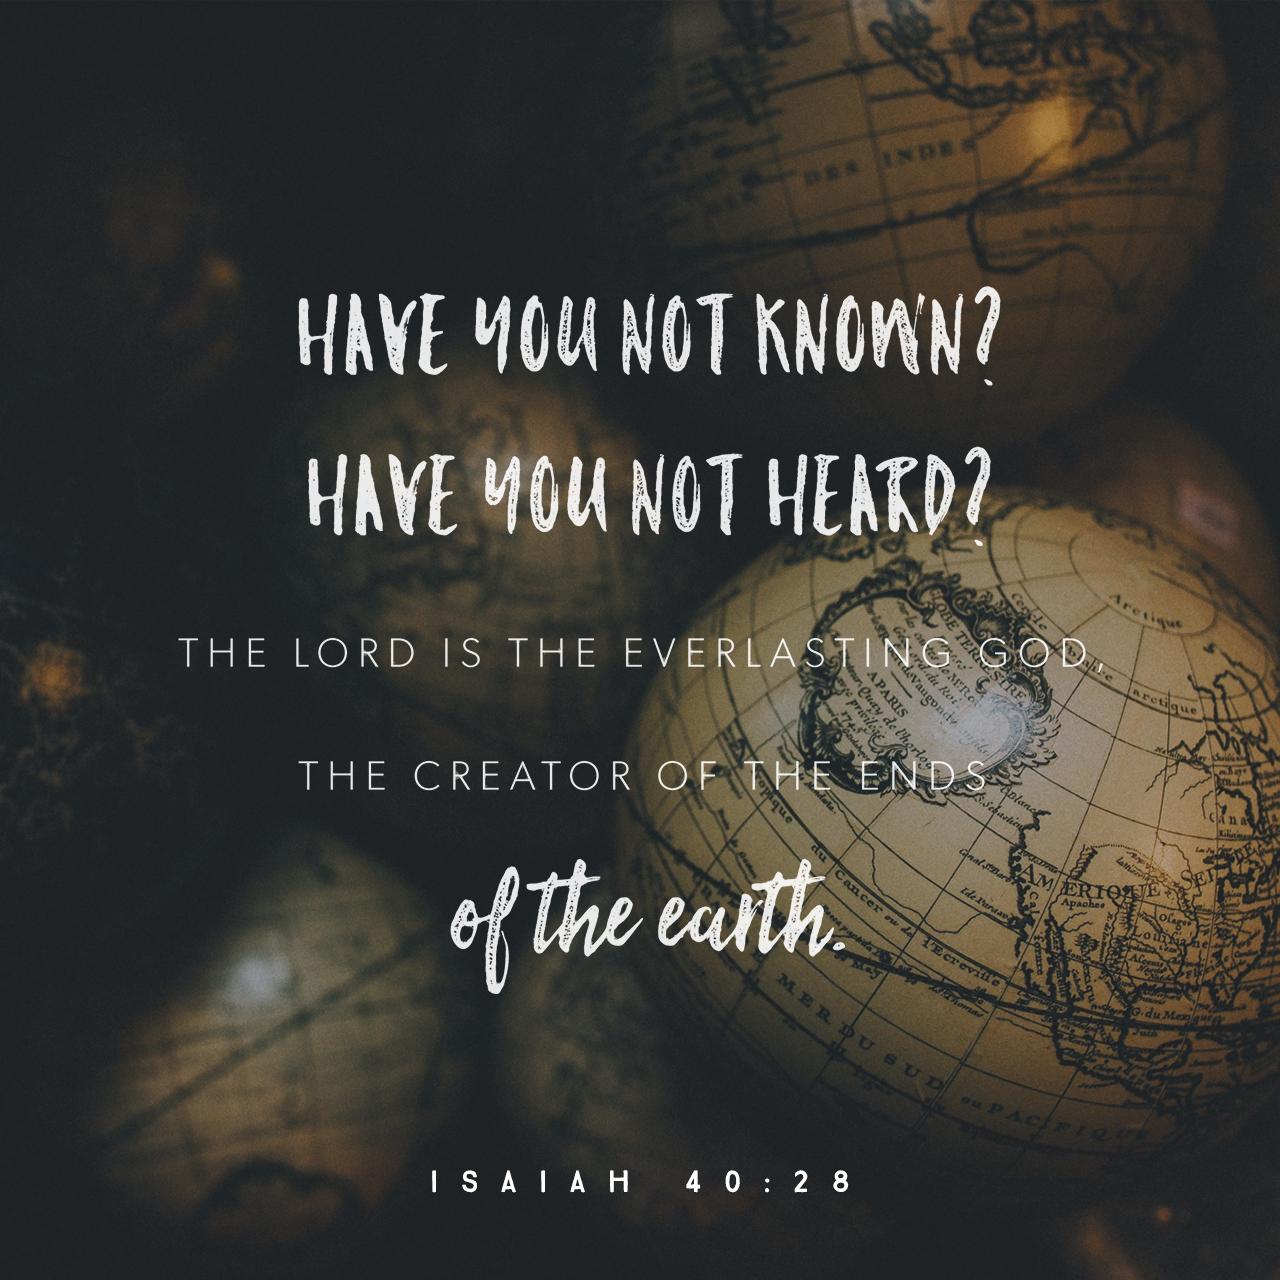 Isaiah 40:28 (JPG)